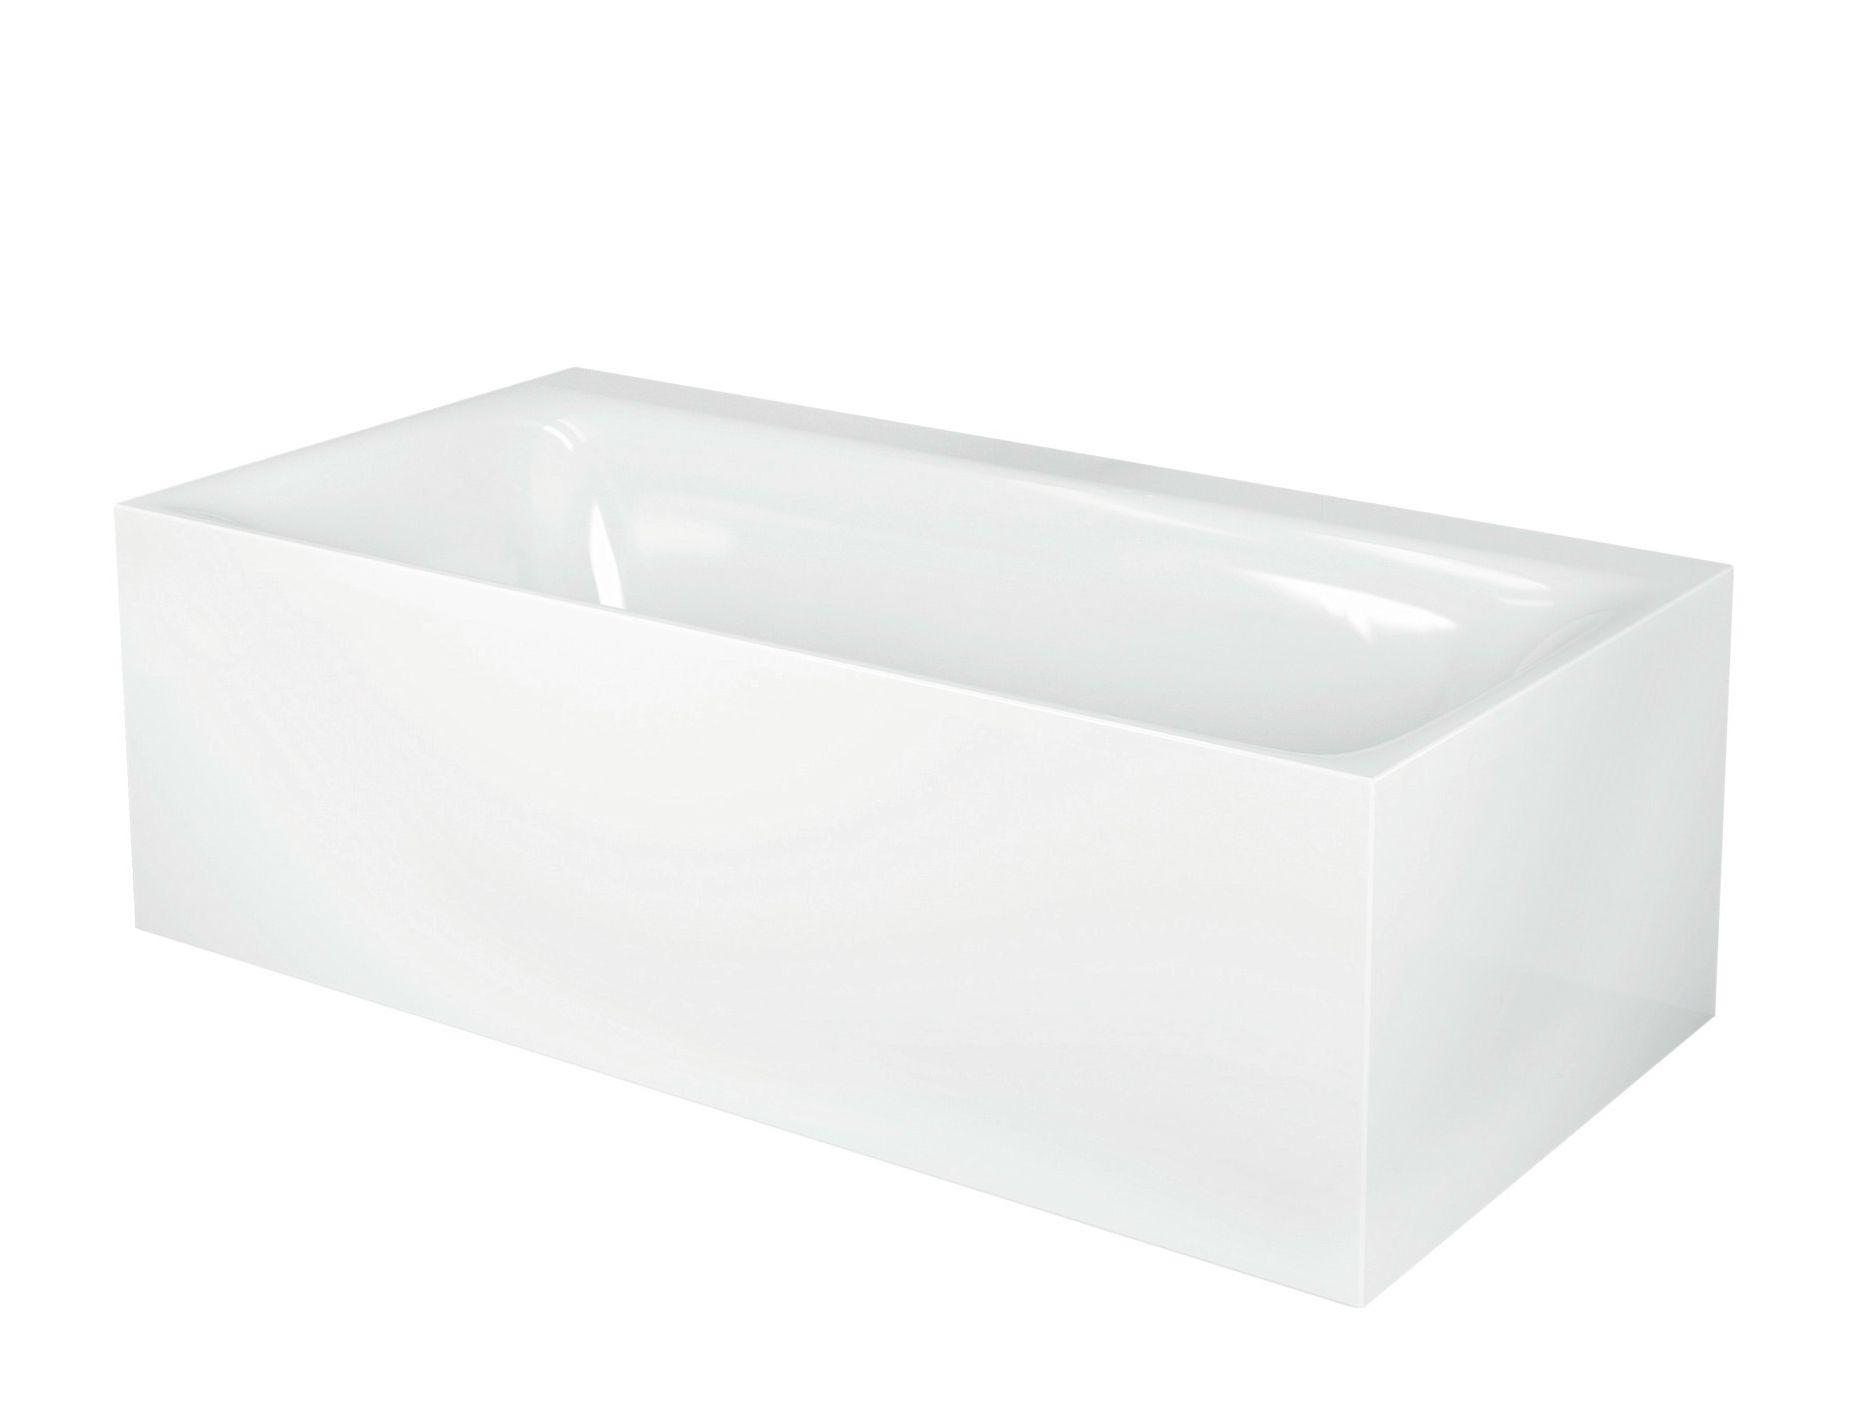 Rechteckige badewanne aus stahl im modernen stil bettelux for Badewannen hersteller liste